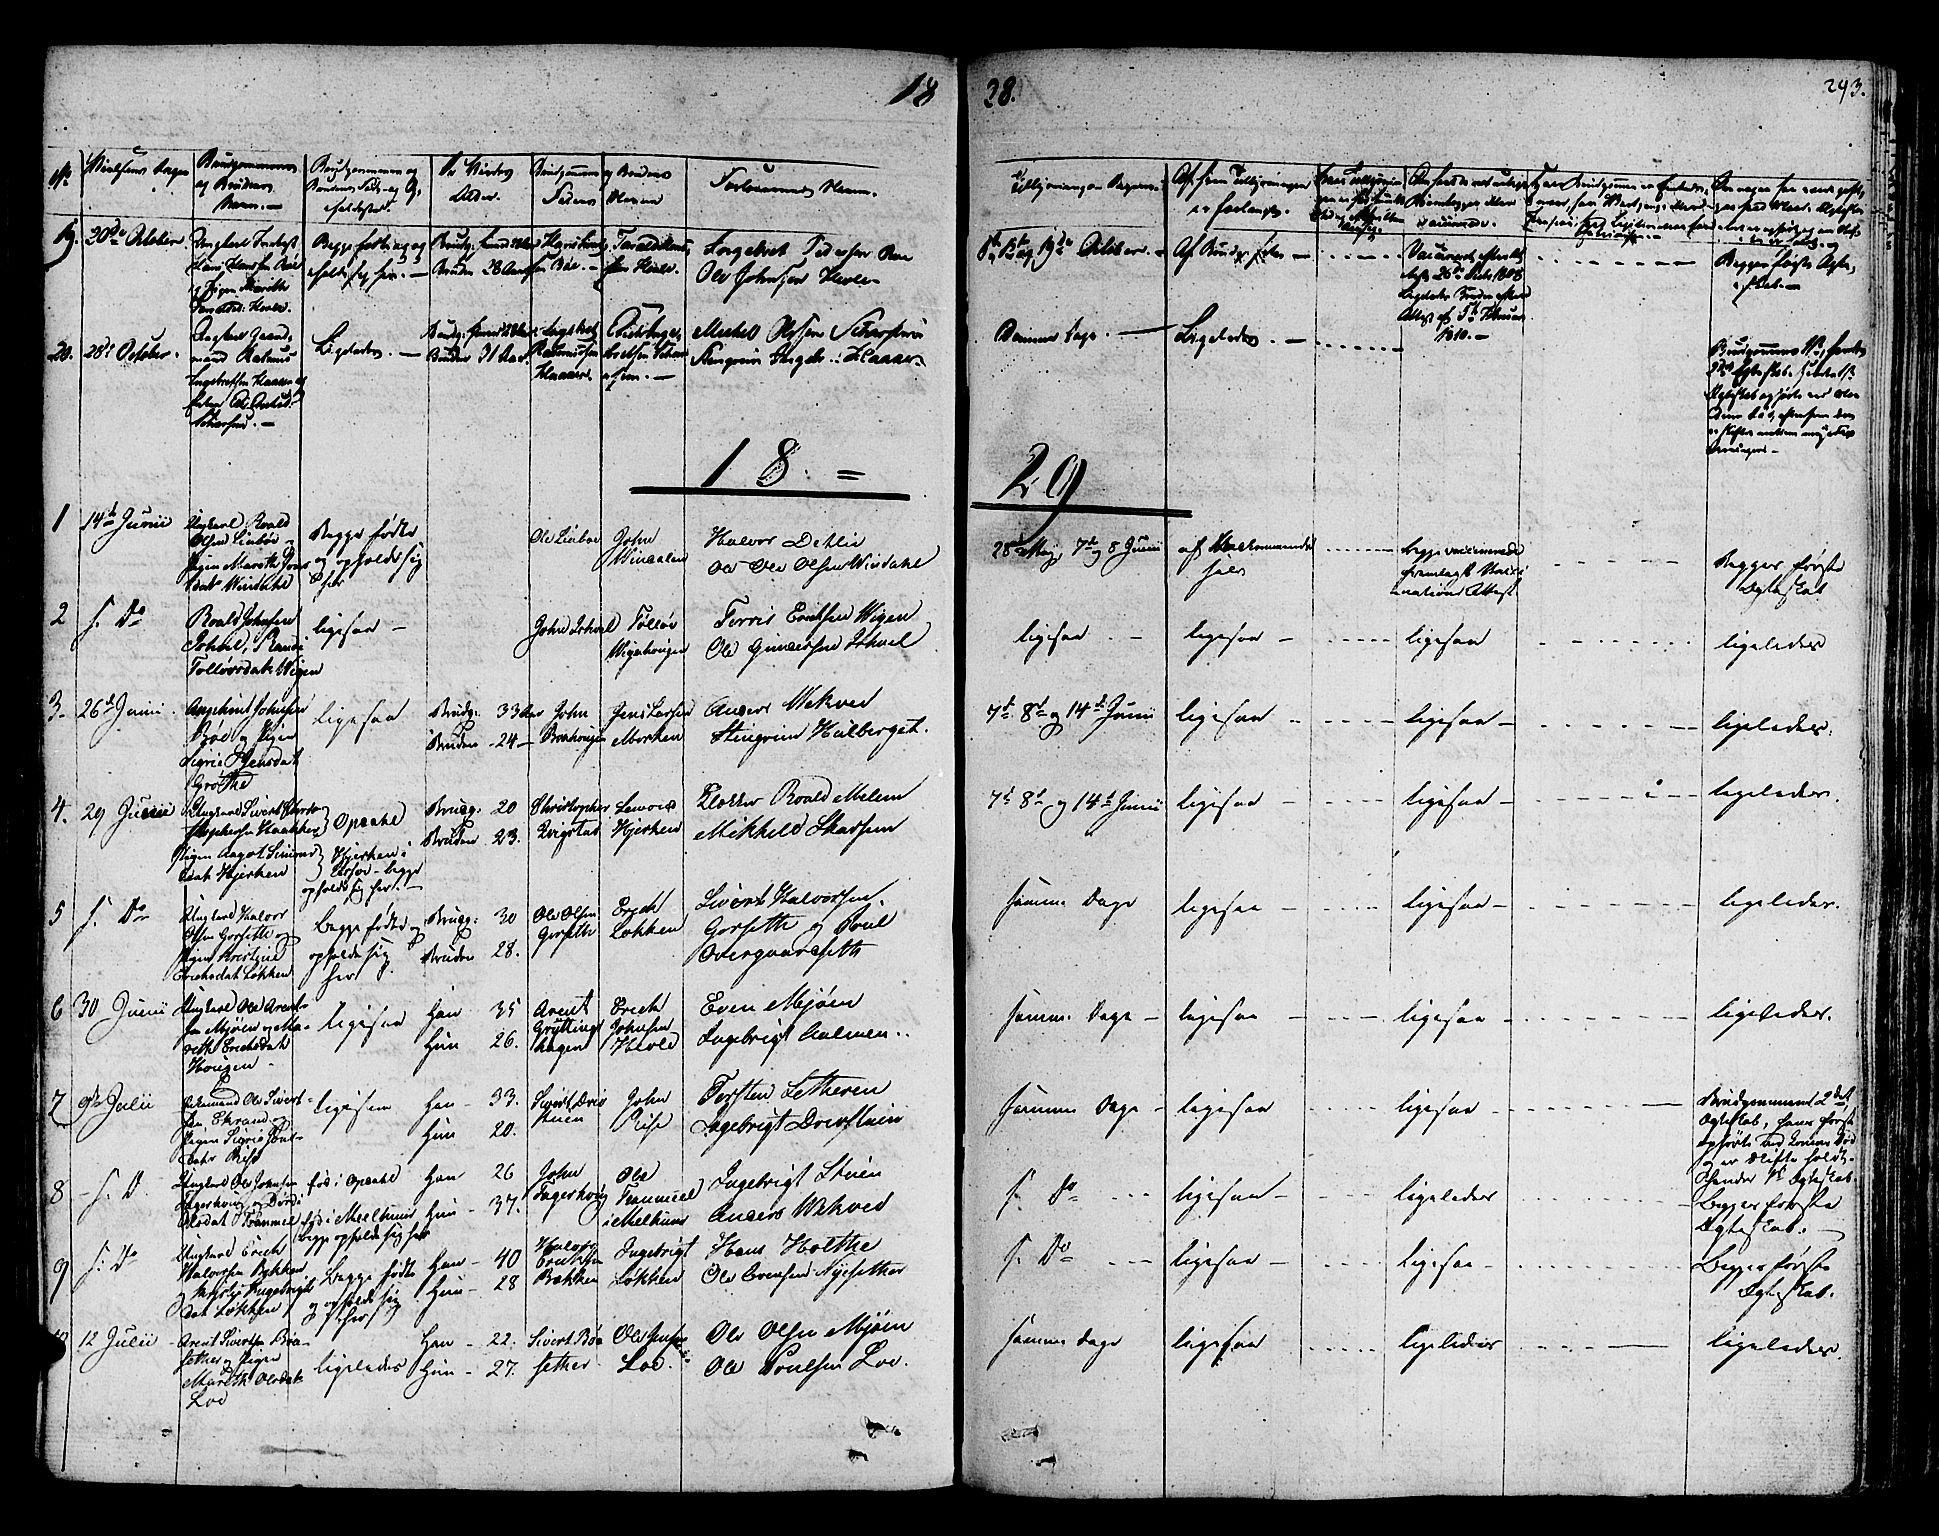 SAT, Ministerialprotokoller, klokkerbøker og fødselsregistre - Sør-Trøndelag, 678/L0897: Ministerialbok nr. 678A06-07, 1821-1847, s. 293